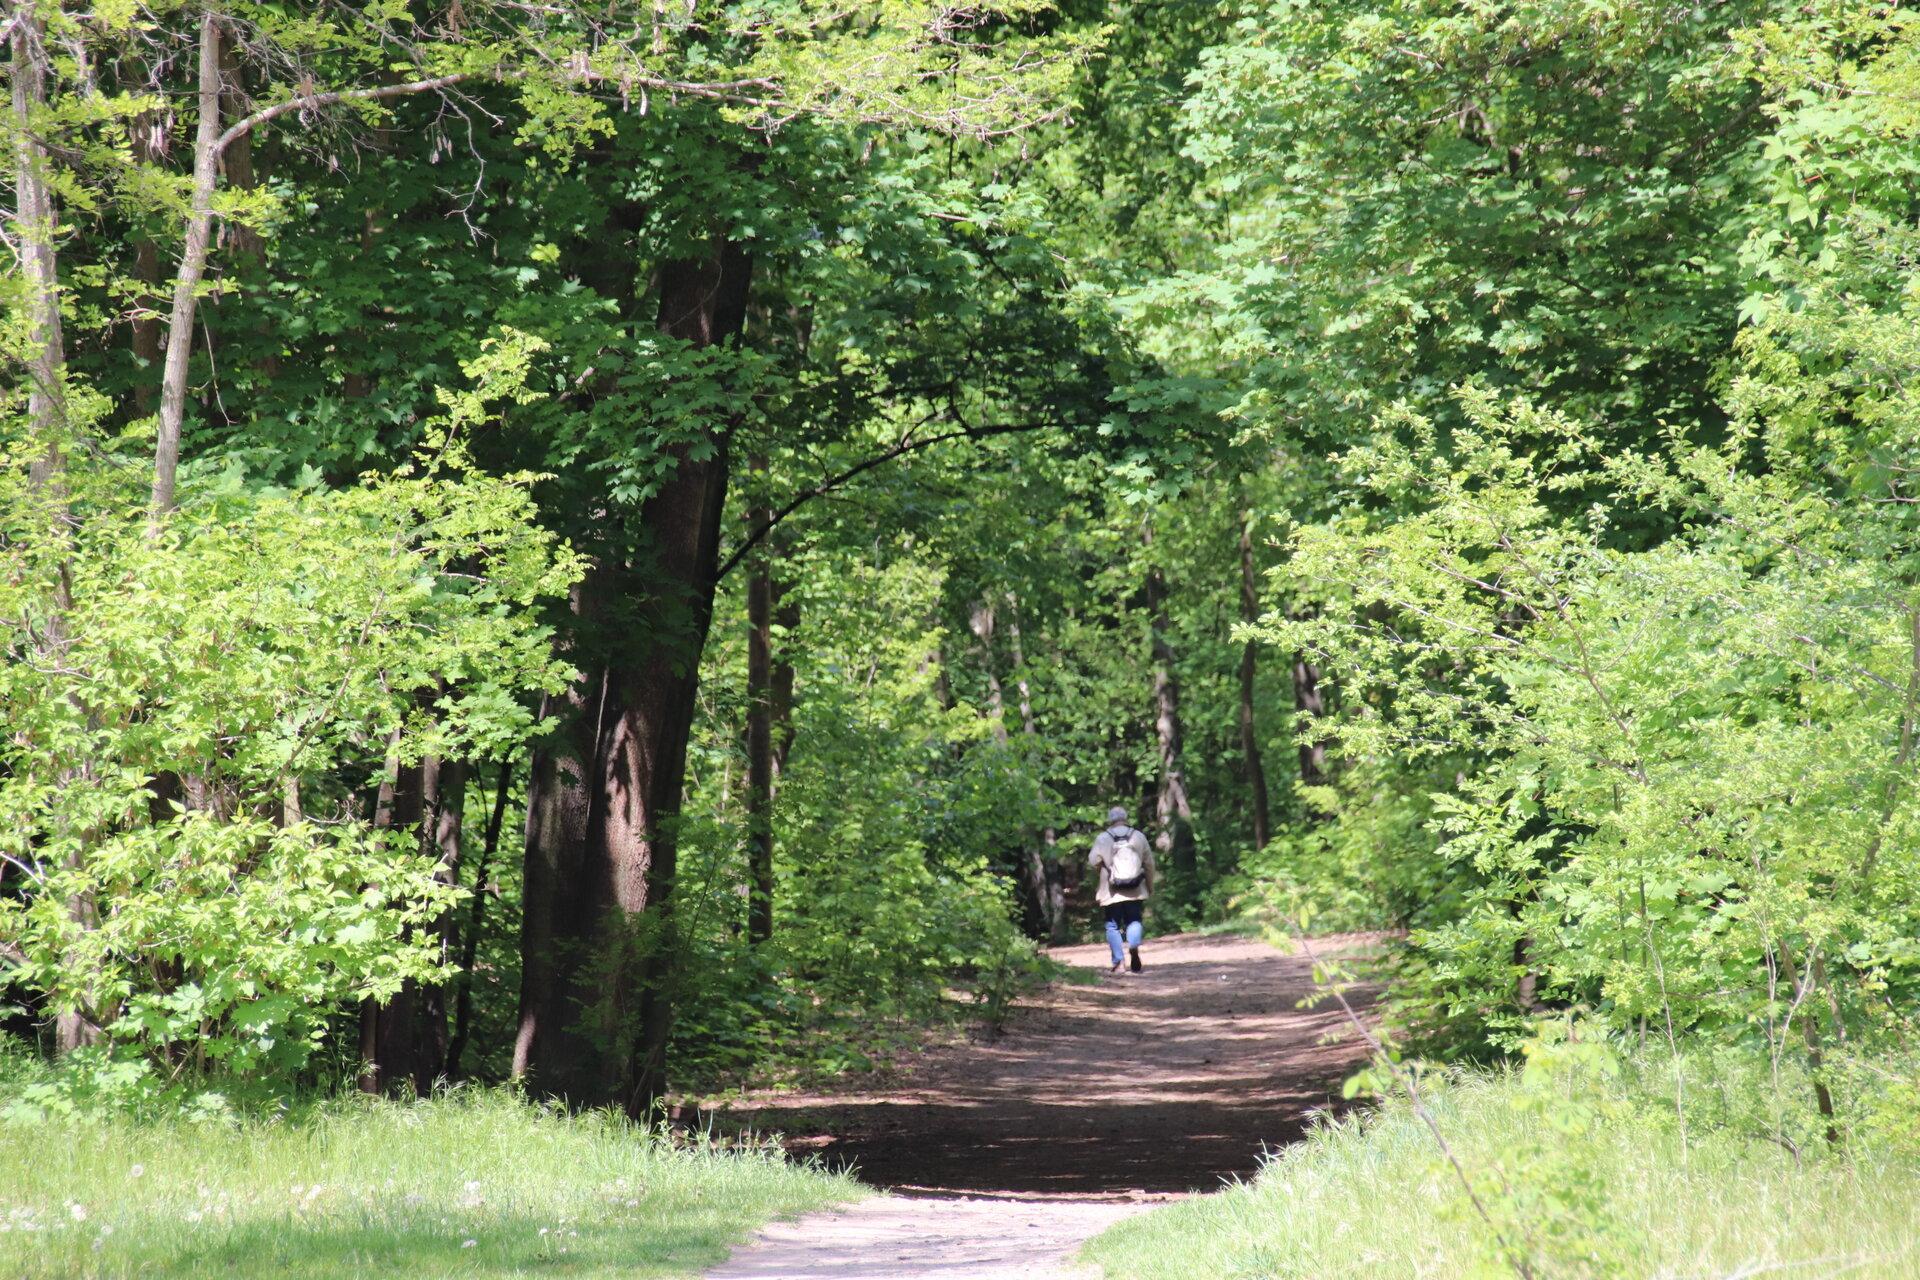 Rad- und Wanderwege laden zu Ausflügen ein.